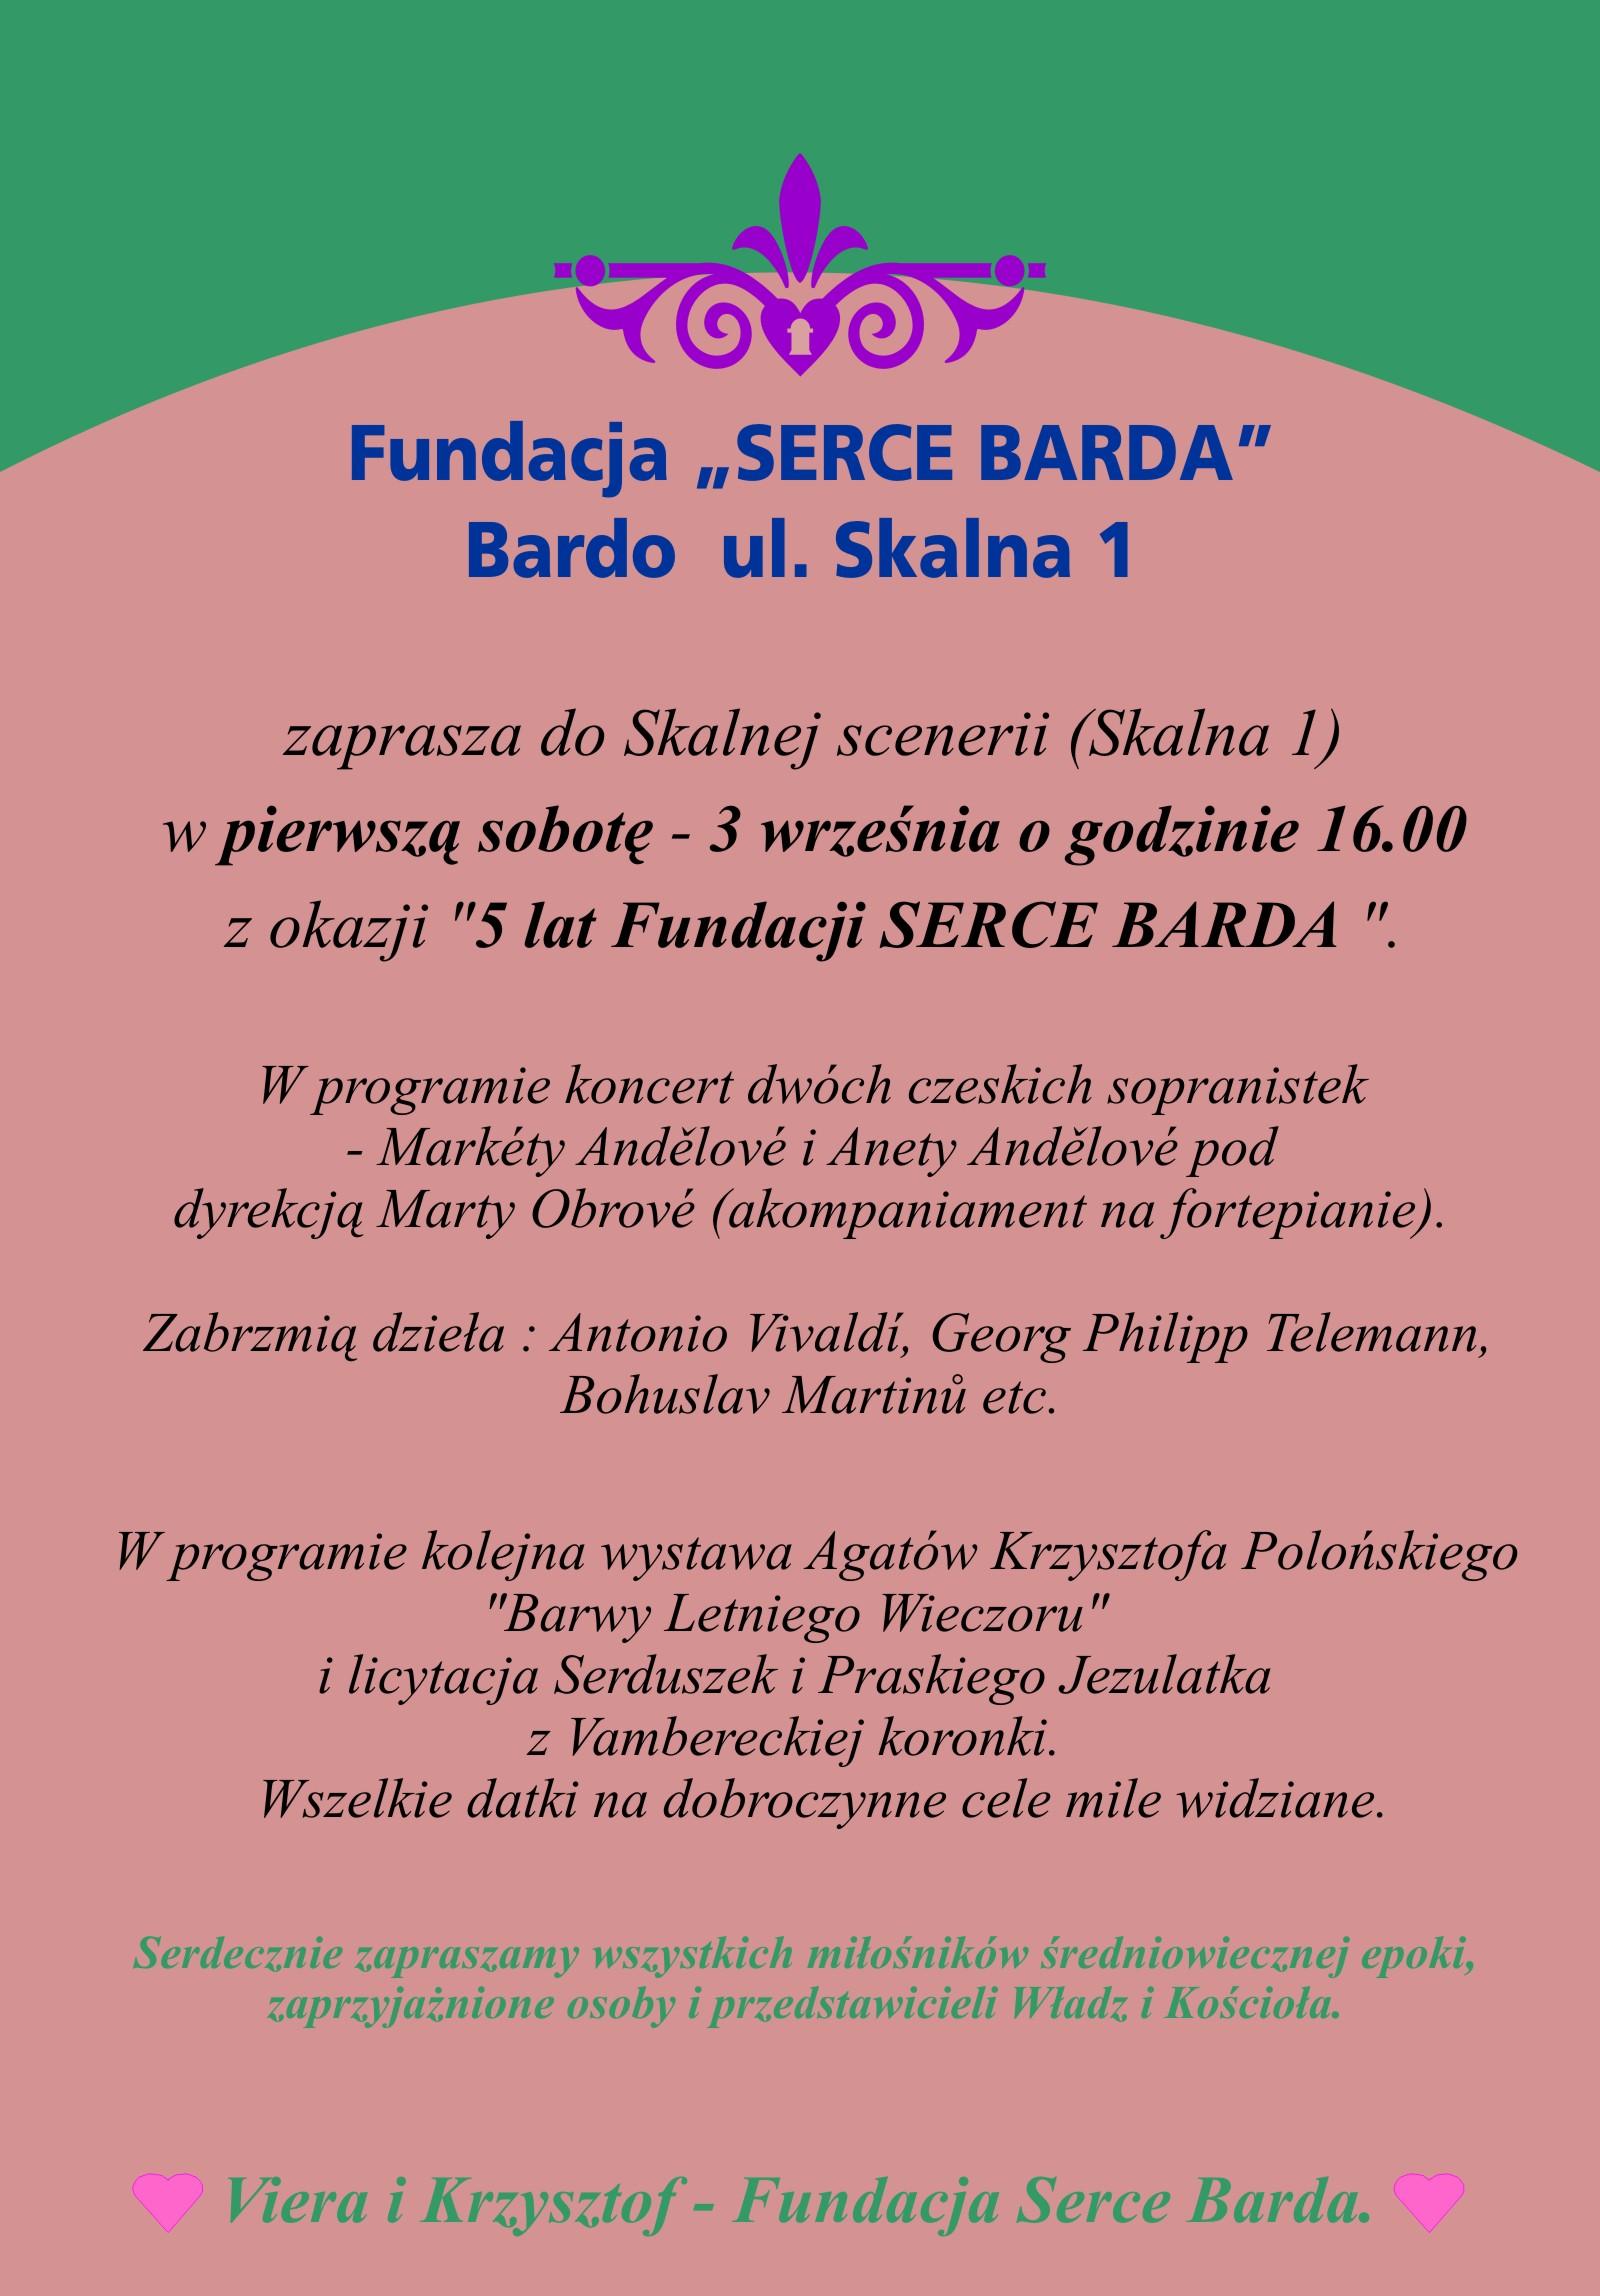 5 lat Fundacji Serce Barda - zaproszenie